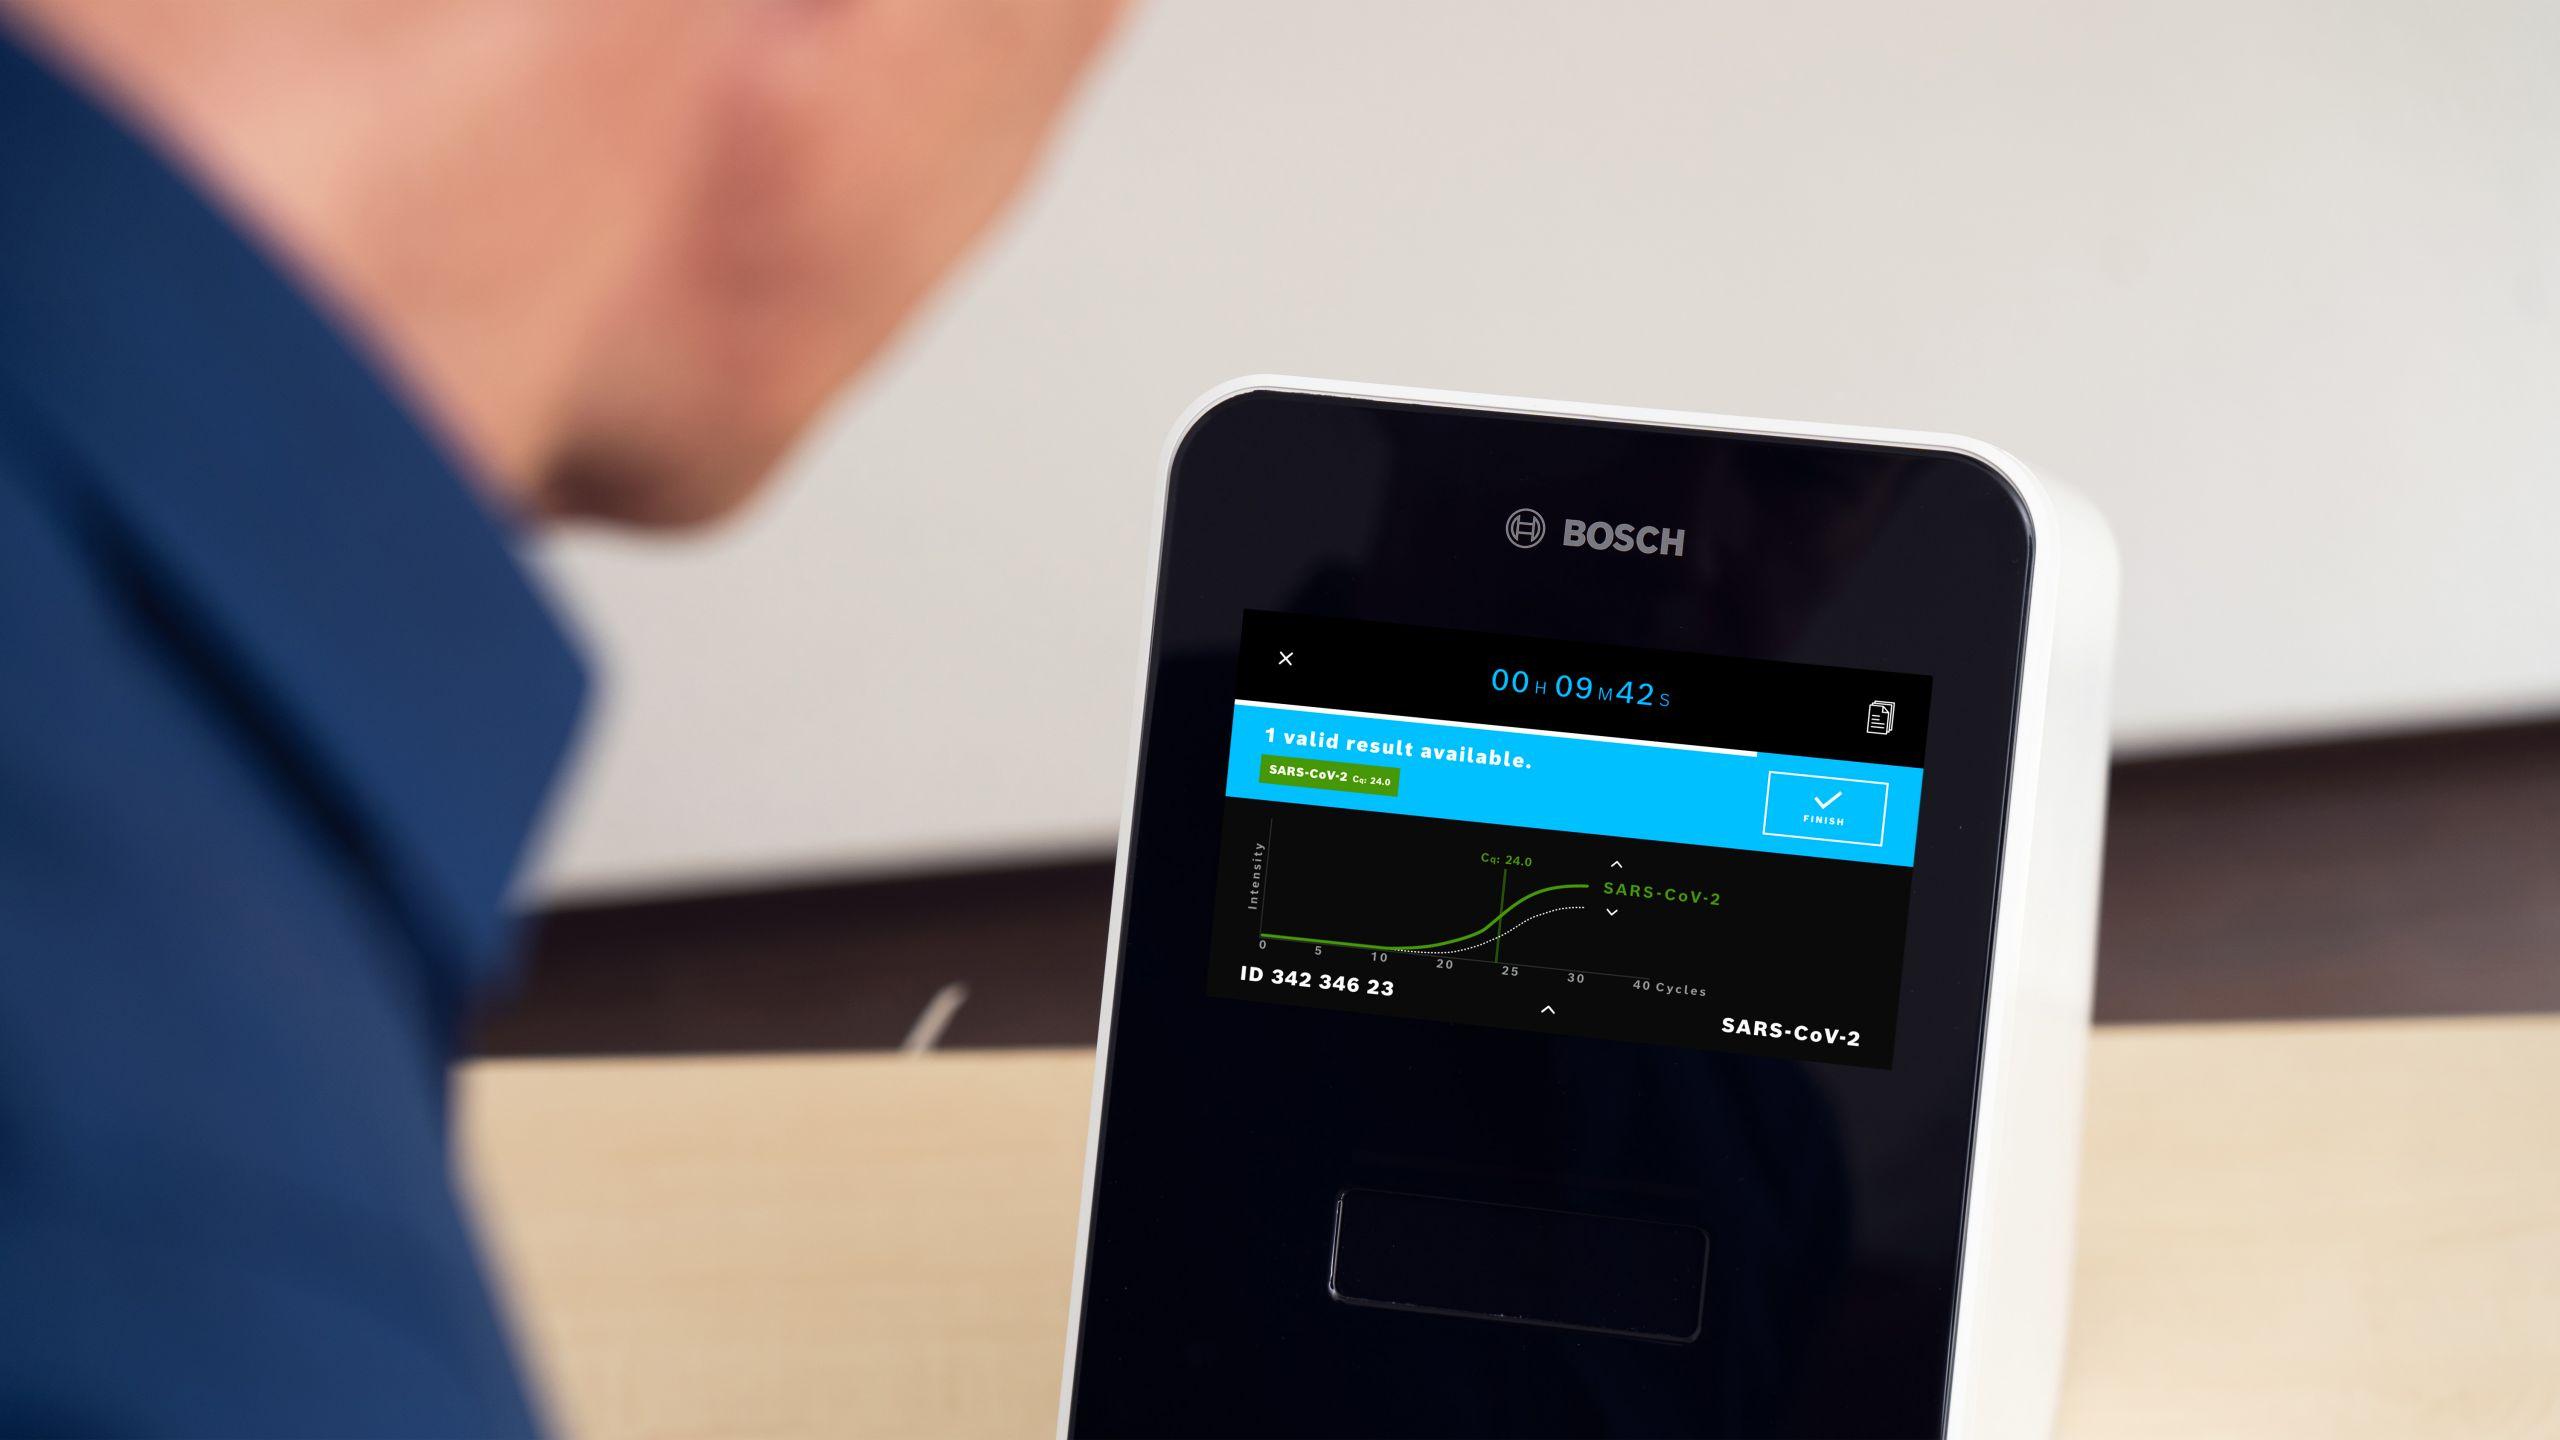 CES 2021: Bosch представила продукты для здоровья, жизни и мобильности (824fb764 Vivalytic screen with new software scaled)